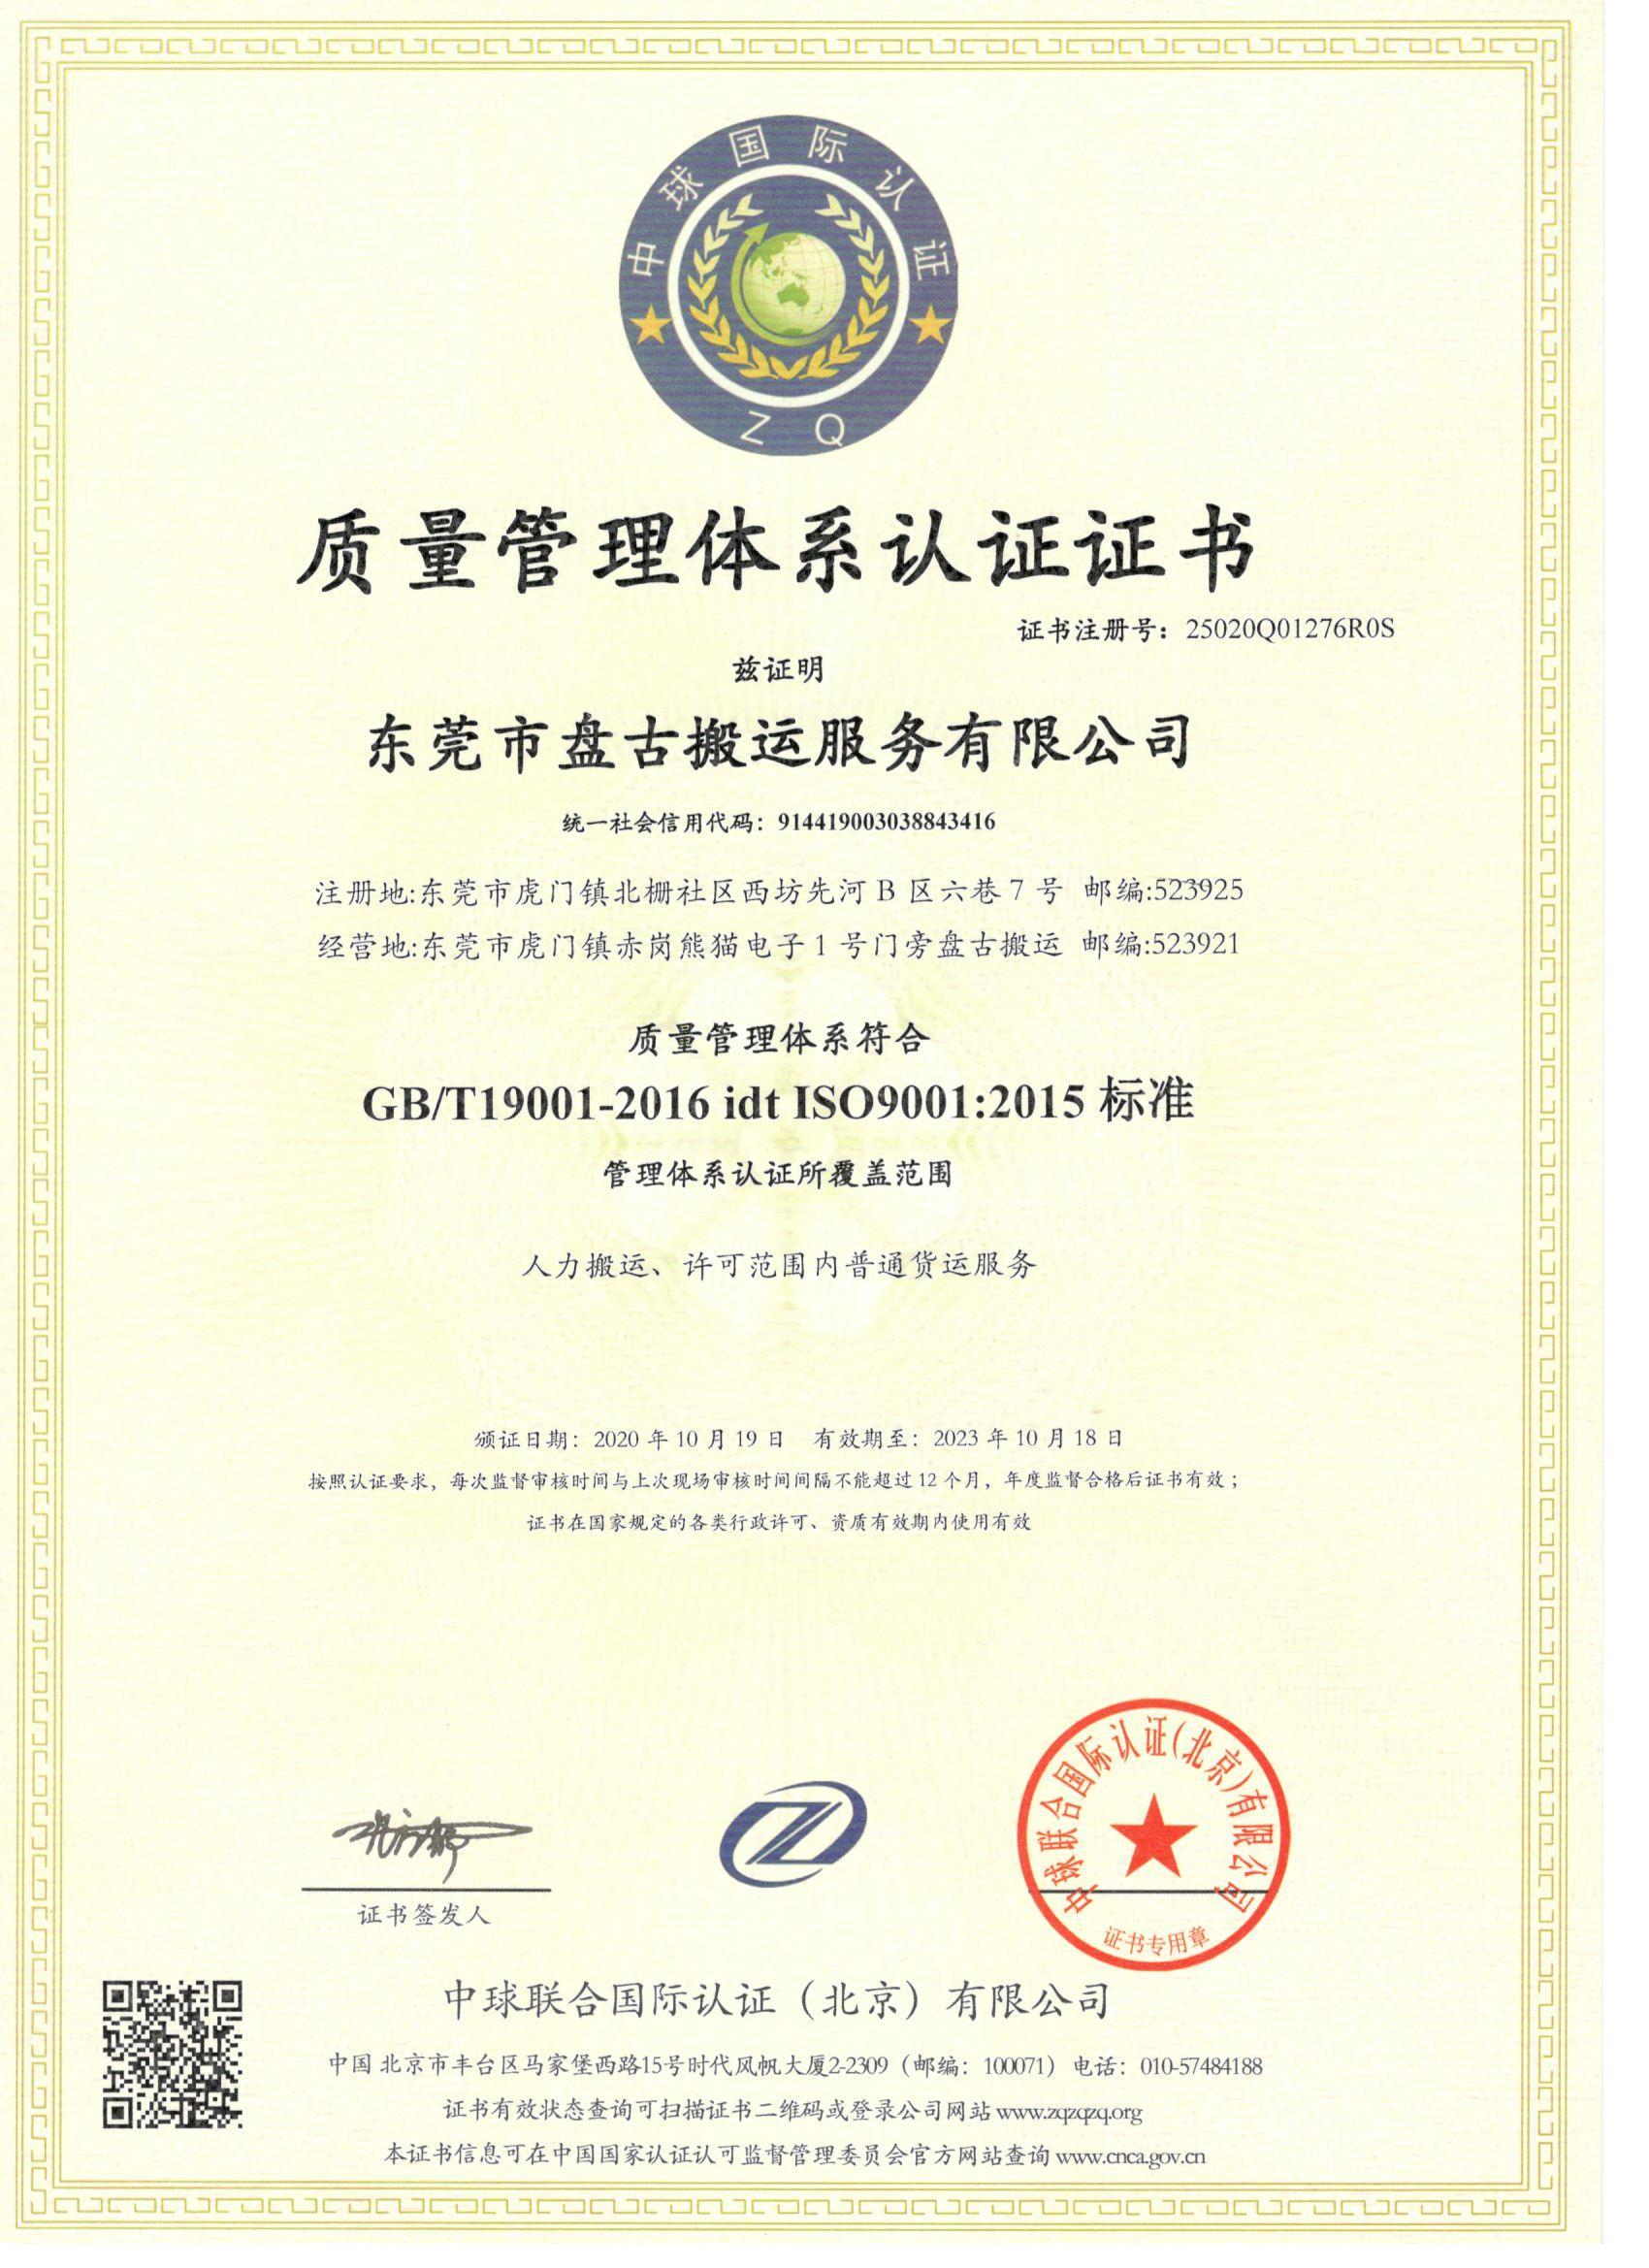 质量管理体系ISO9001认证-东莞市盘古搬运服务有限公司